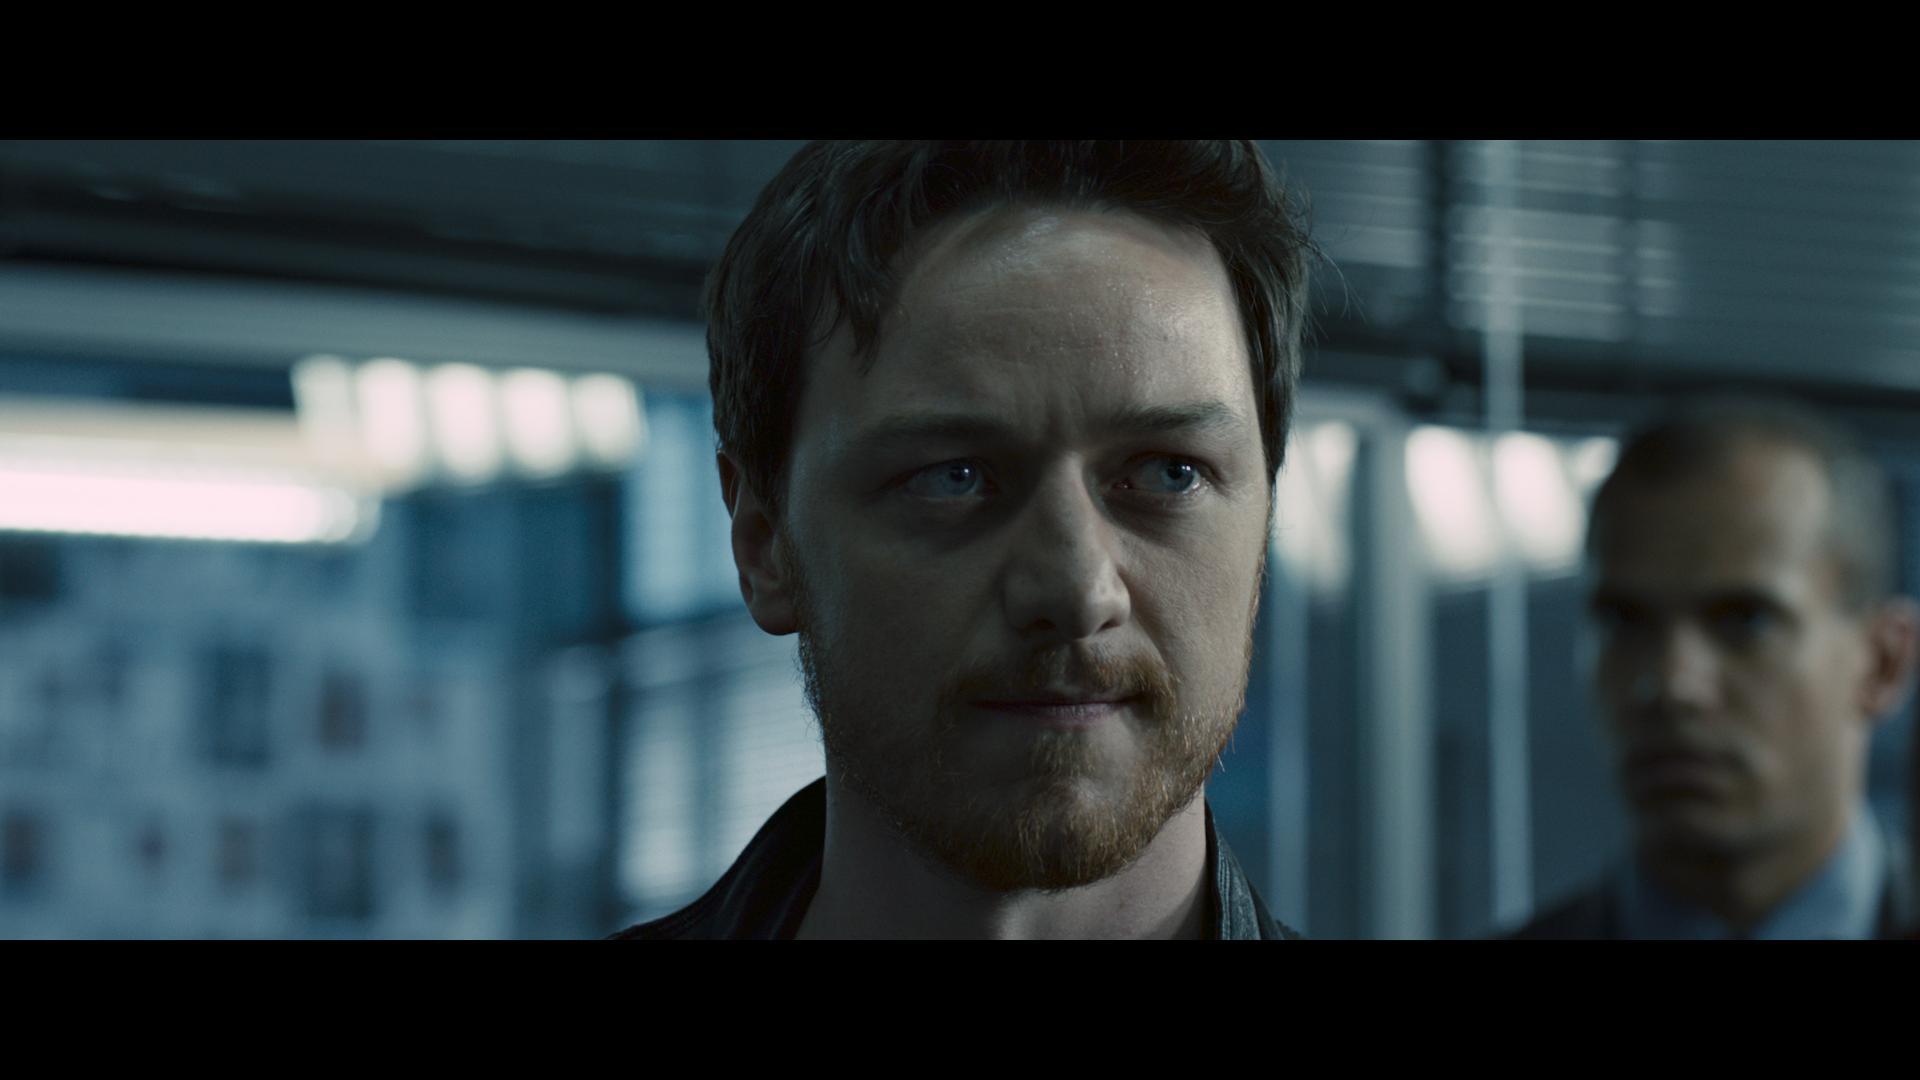 кадры из фильма Добро пожаловать в капкан Джеймс МакЭвой,